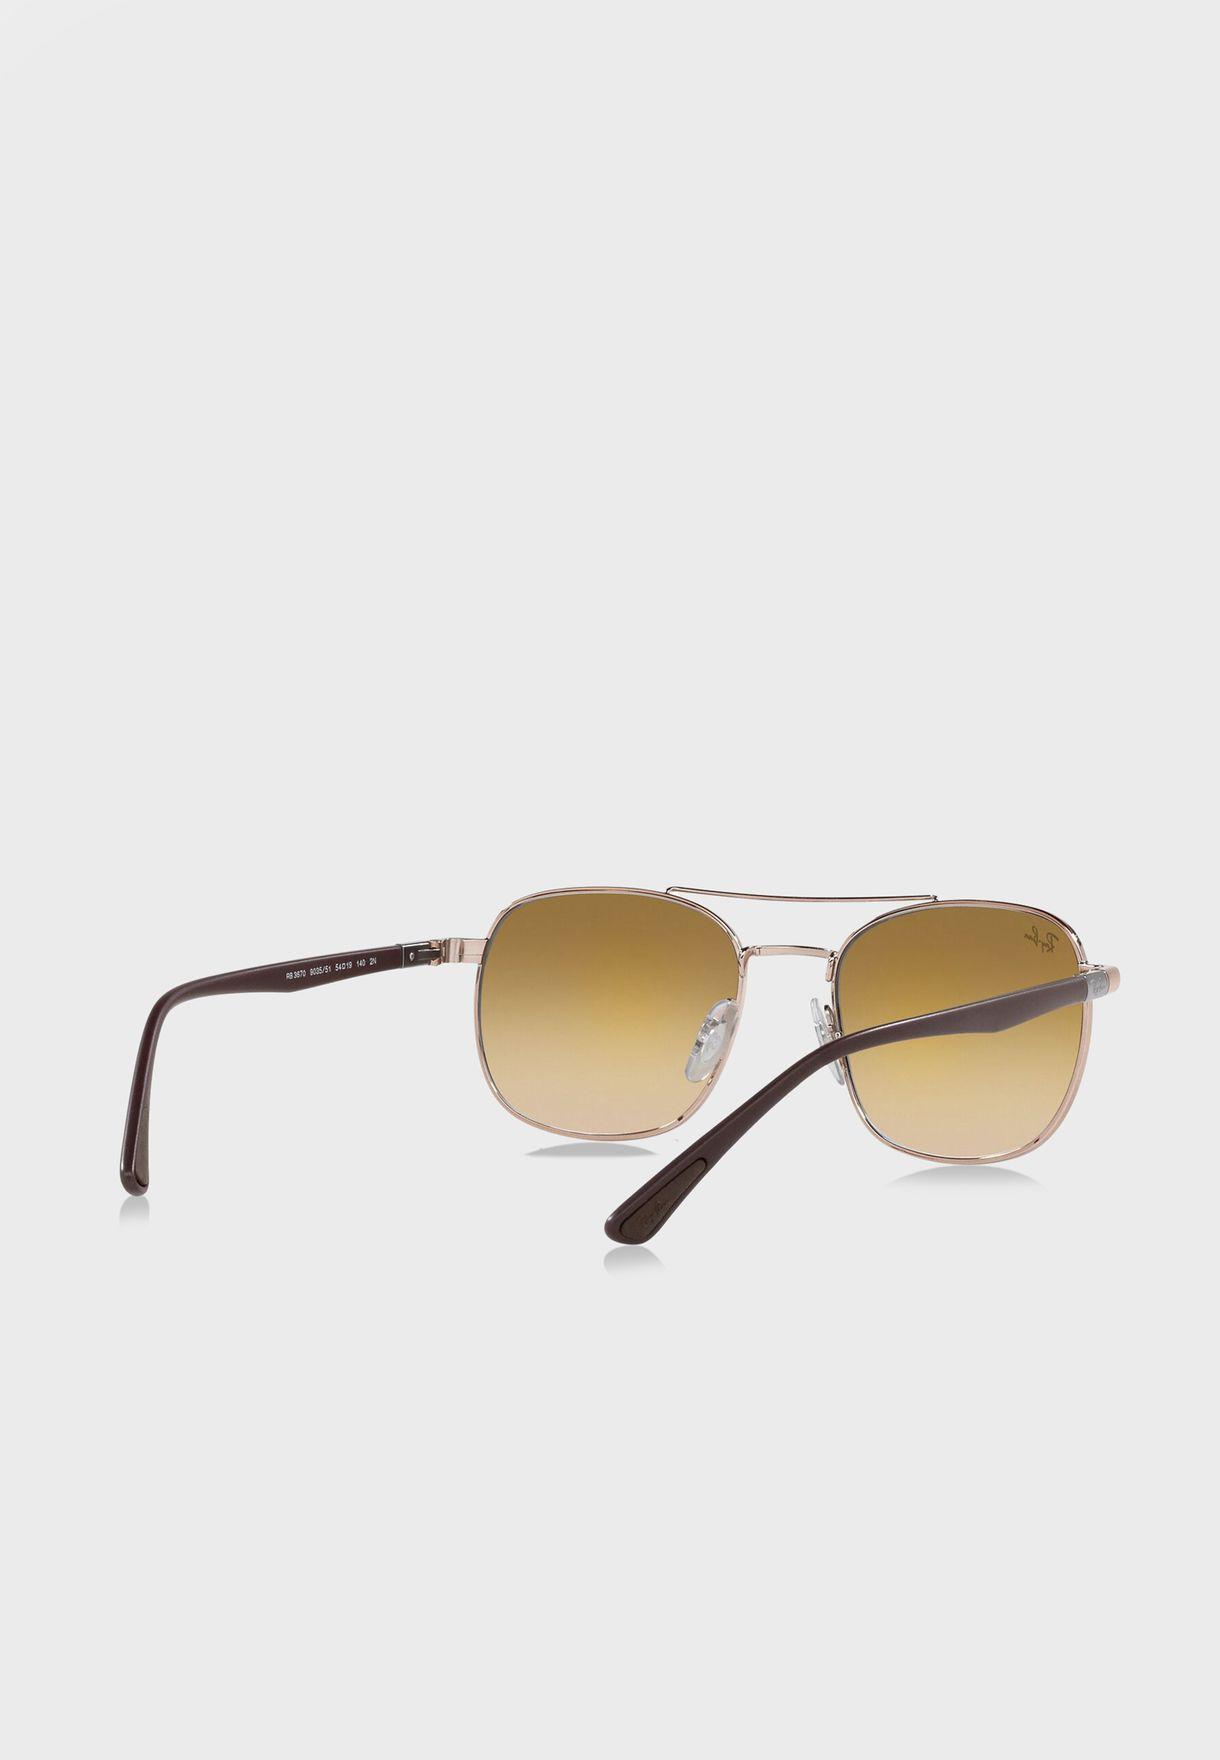 0Rb3670 Sunglasses